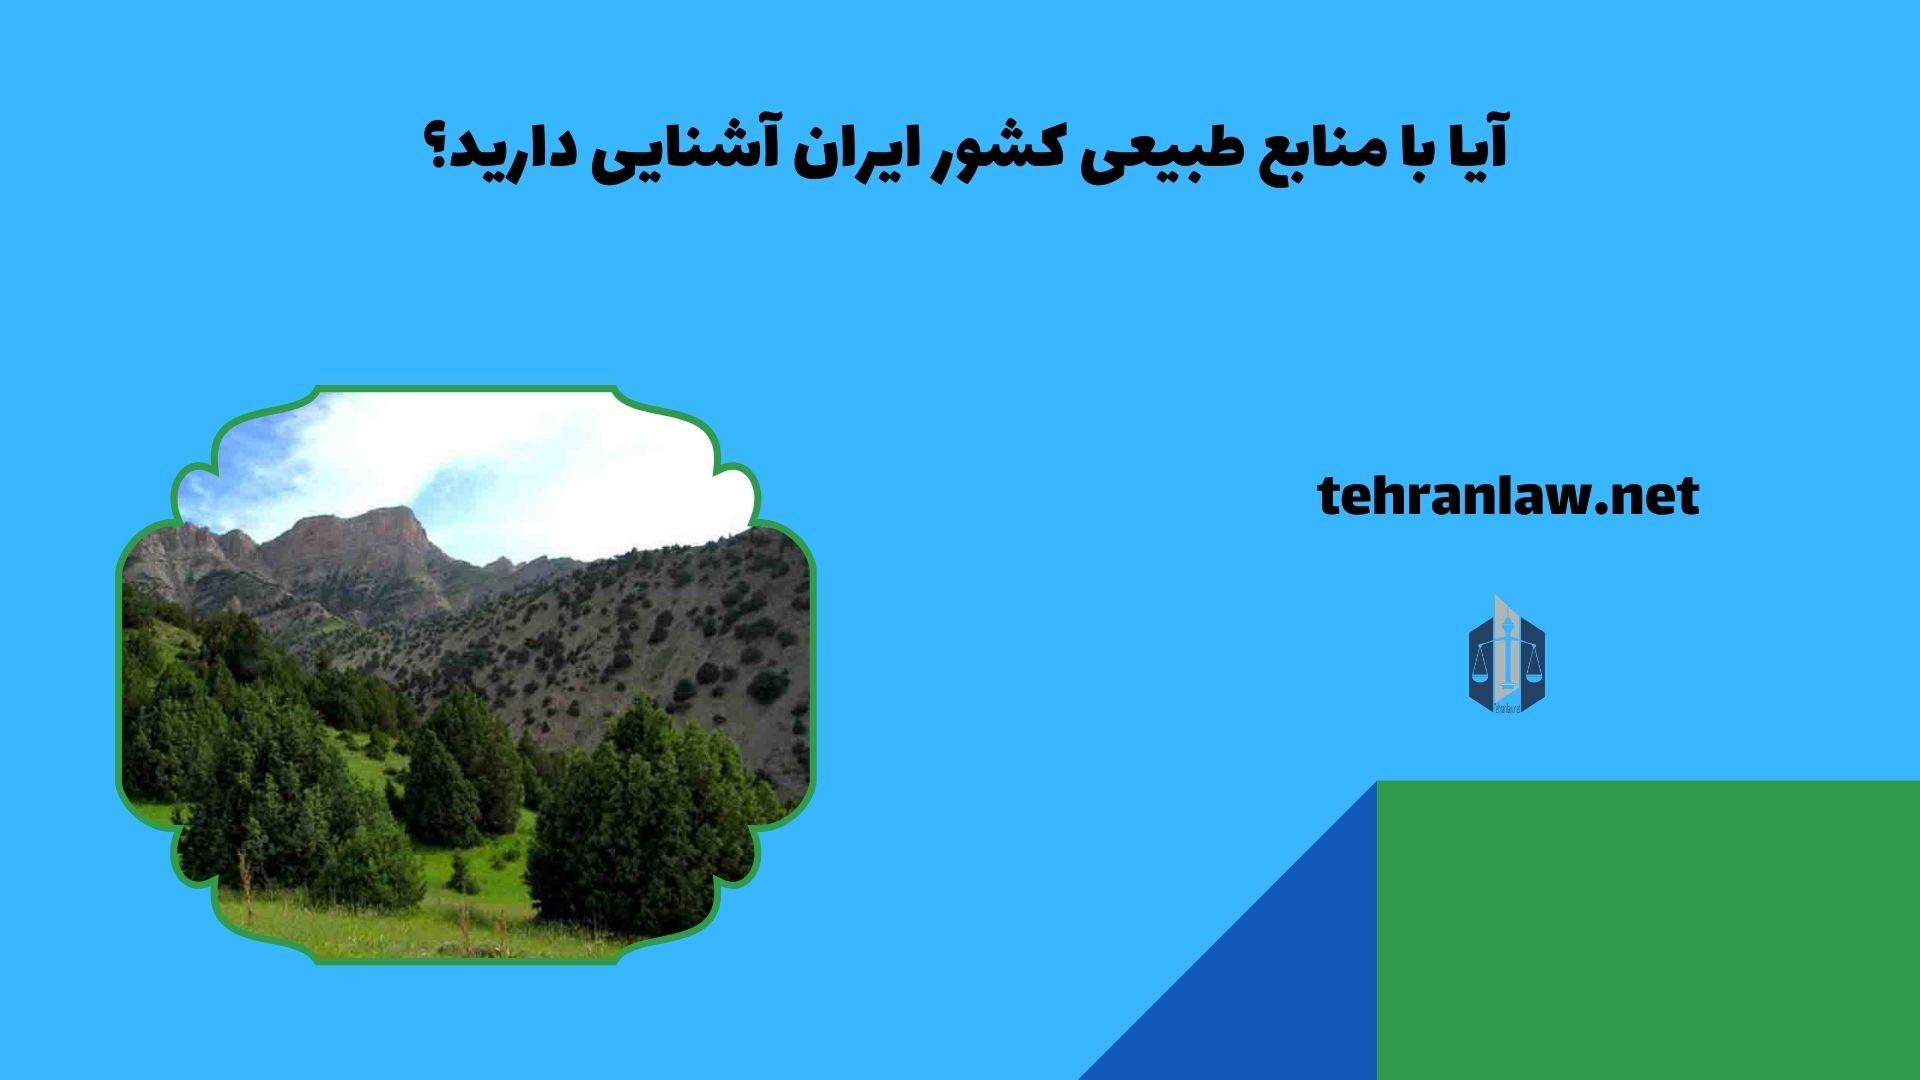 آیا با منابع طبیعی کشور ایران آشنایی دارید؟